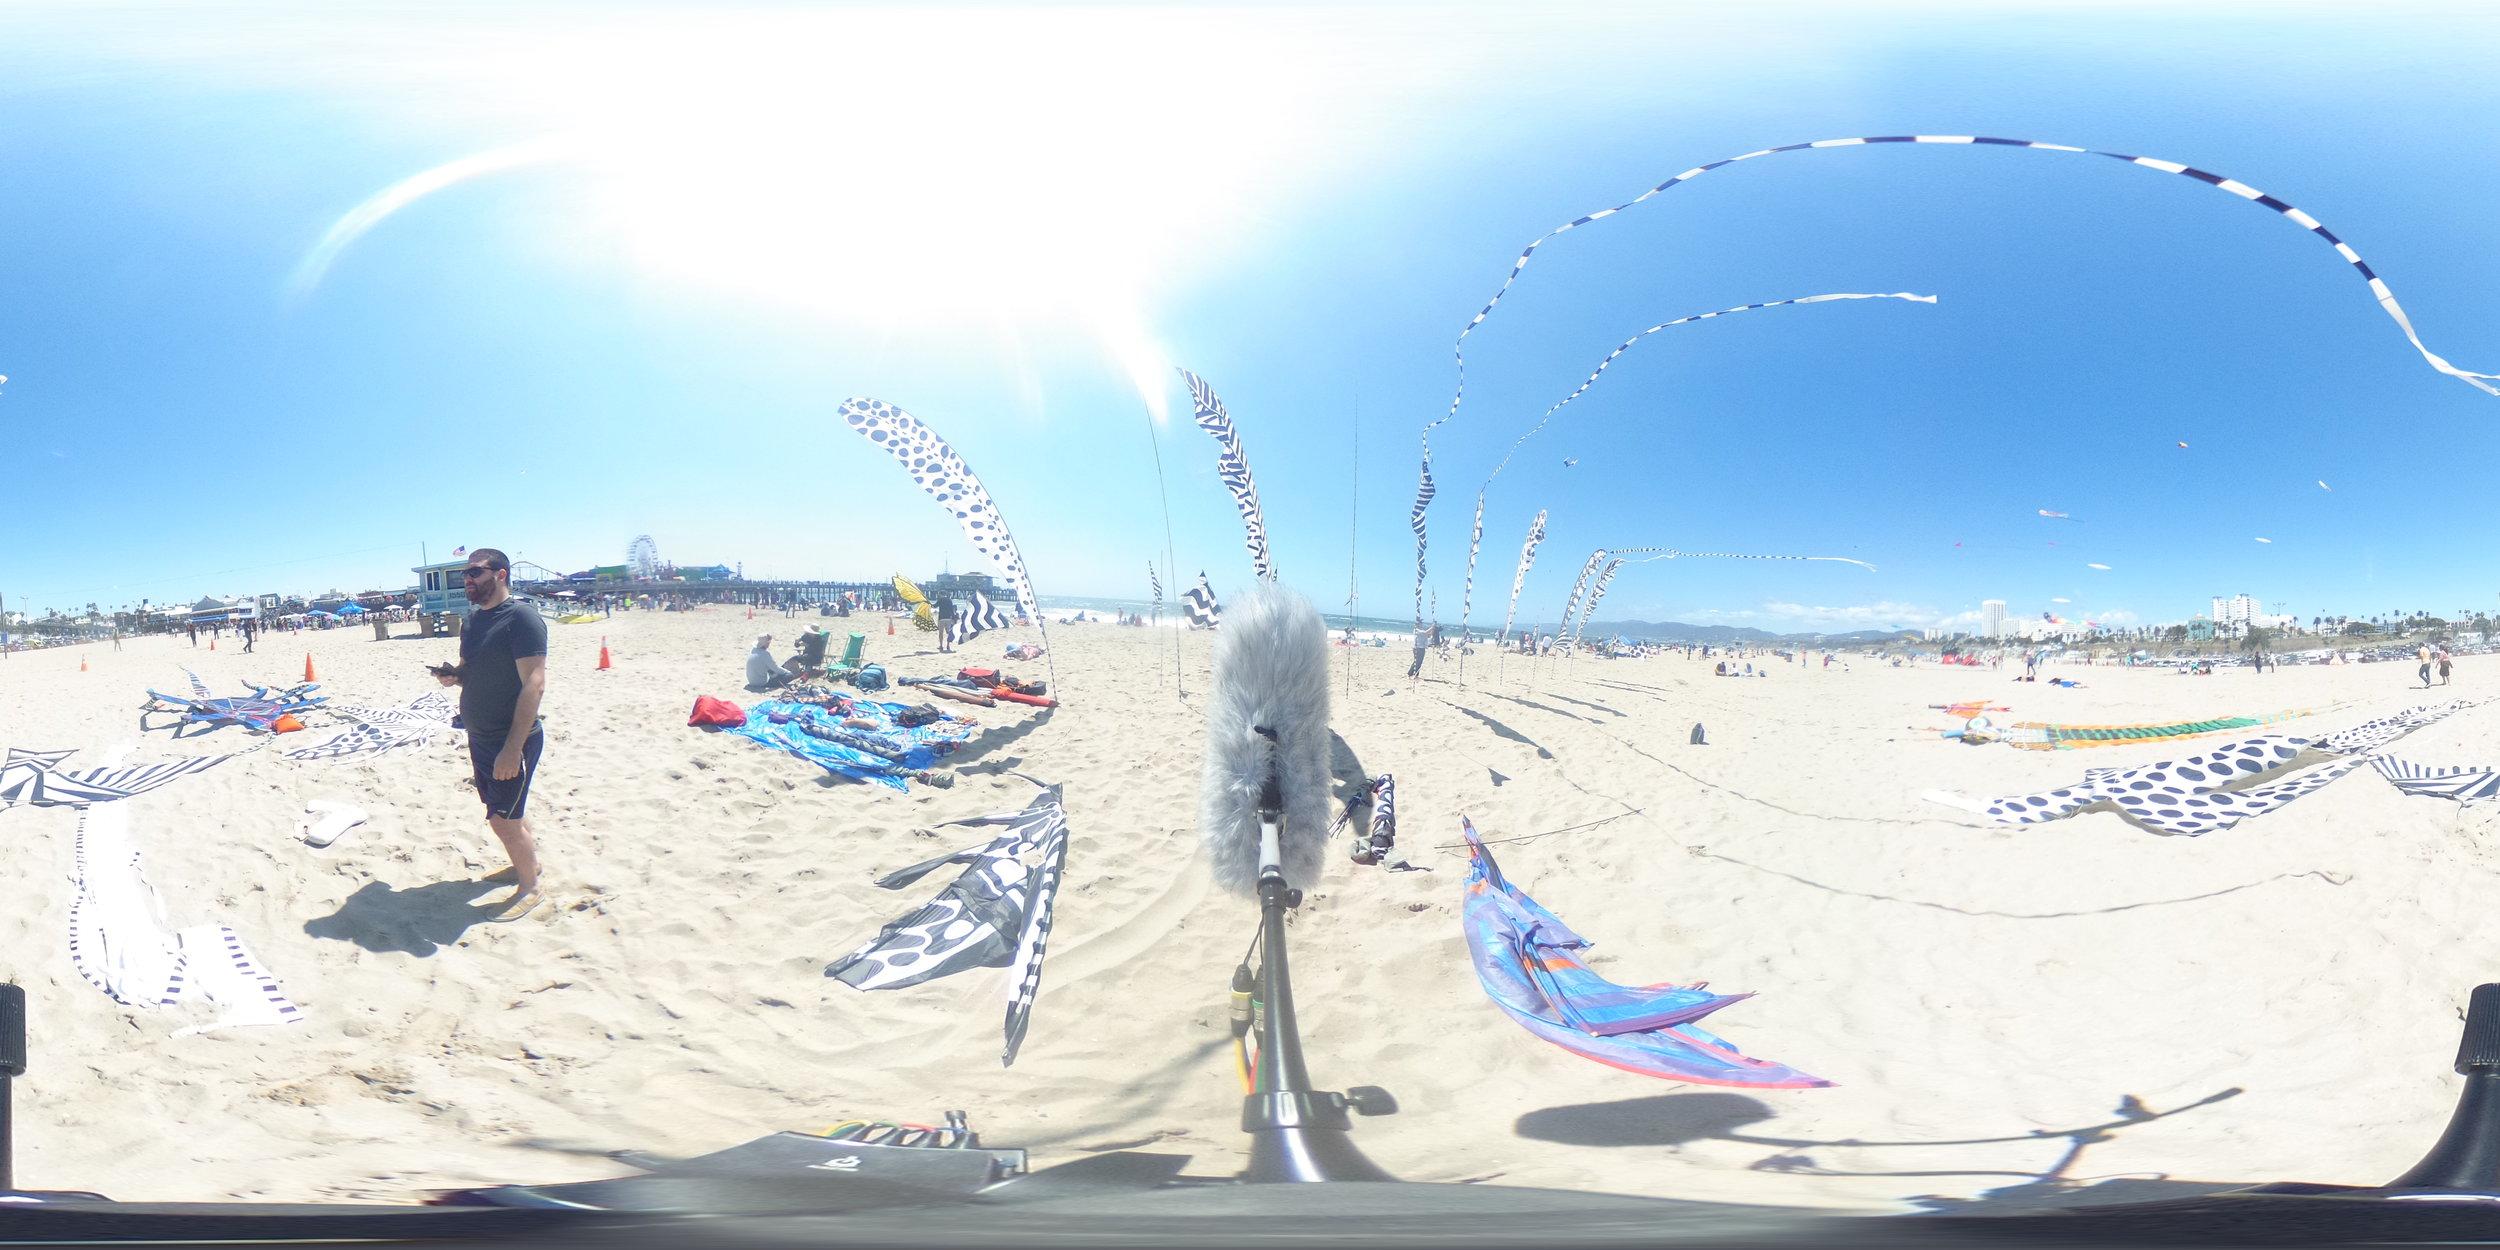 EXT_Day_Beach_FlagsInHeavyWind_LightVoices_JPEG.JPG